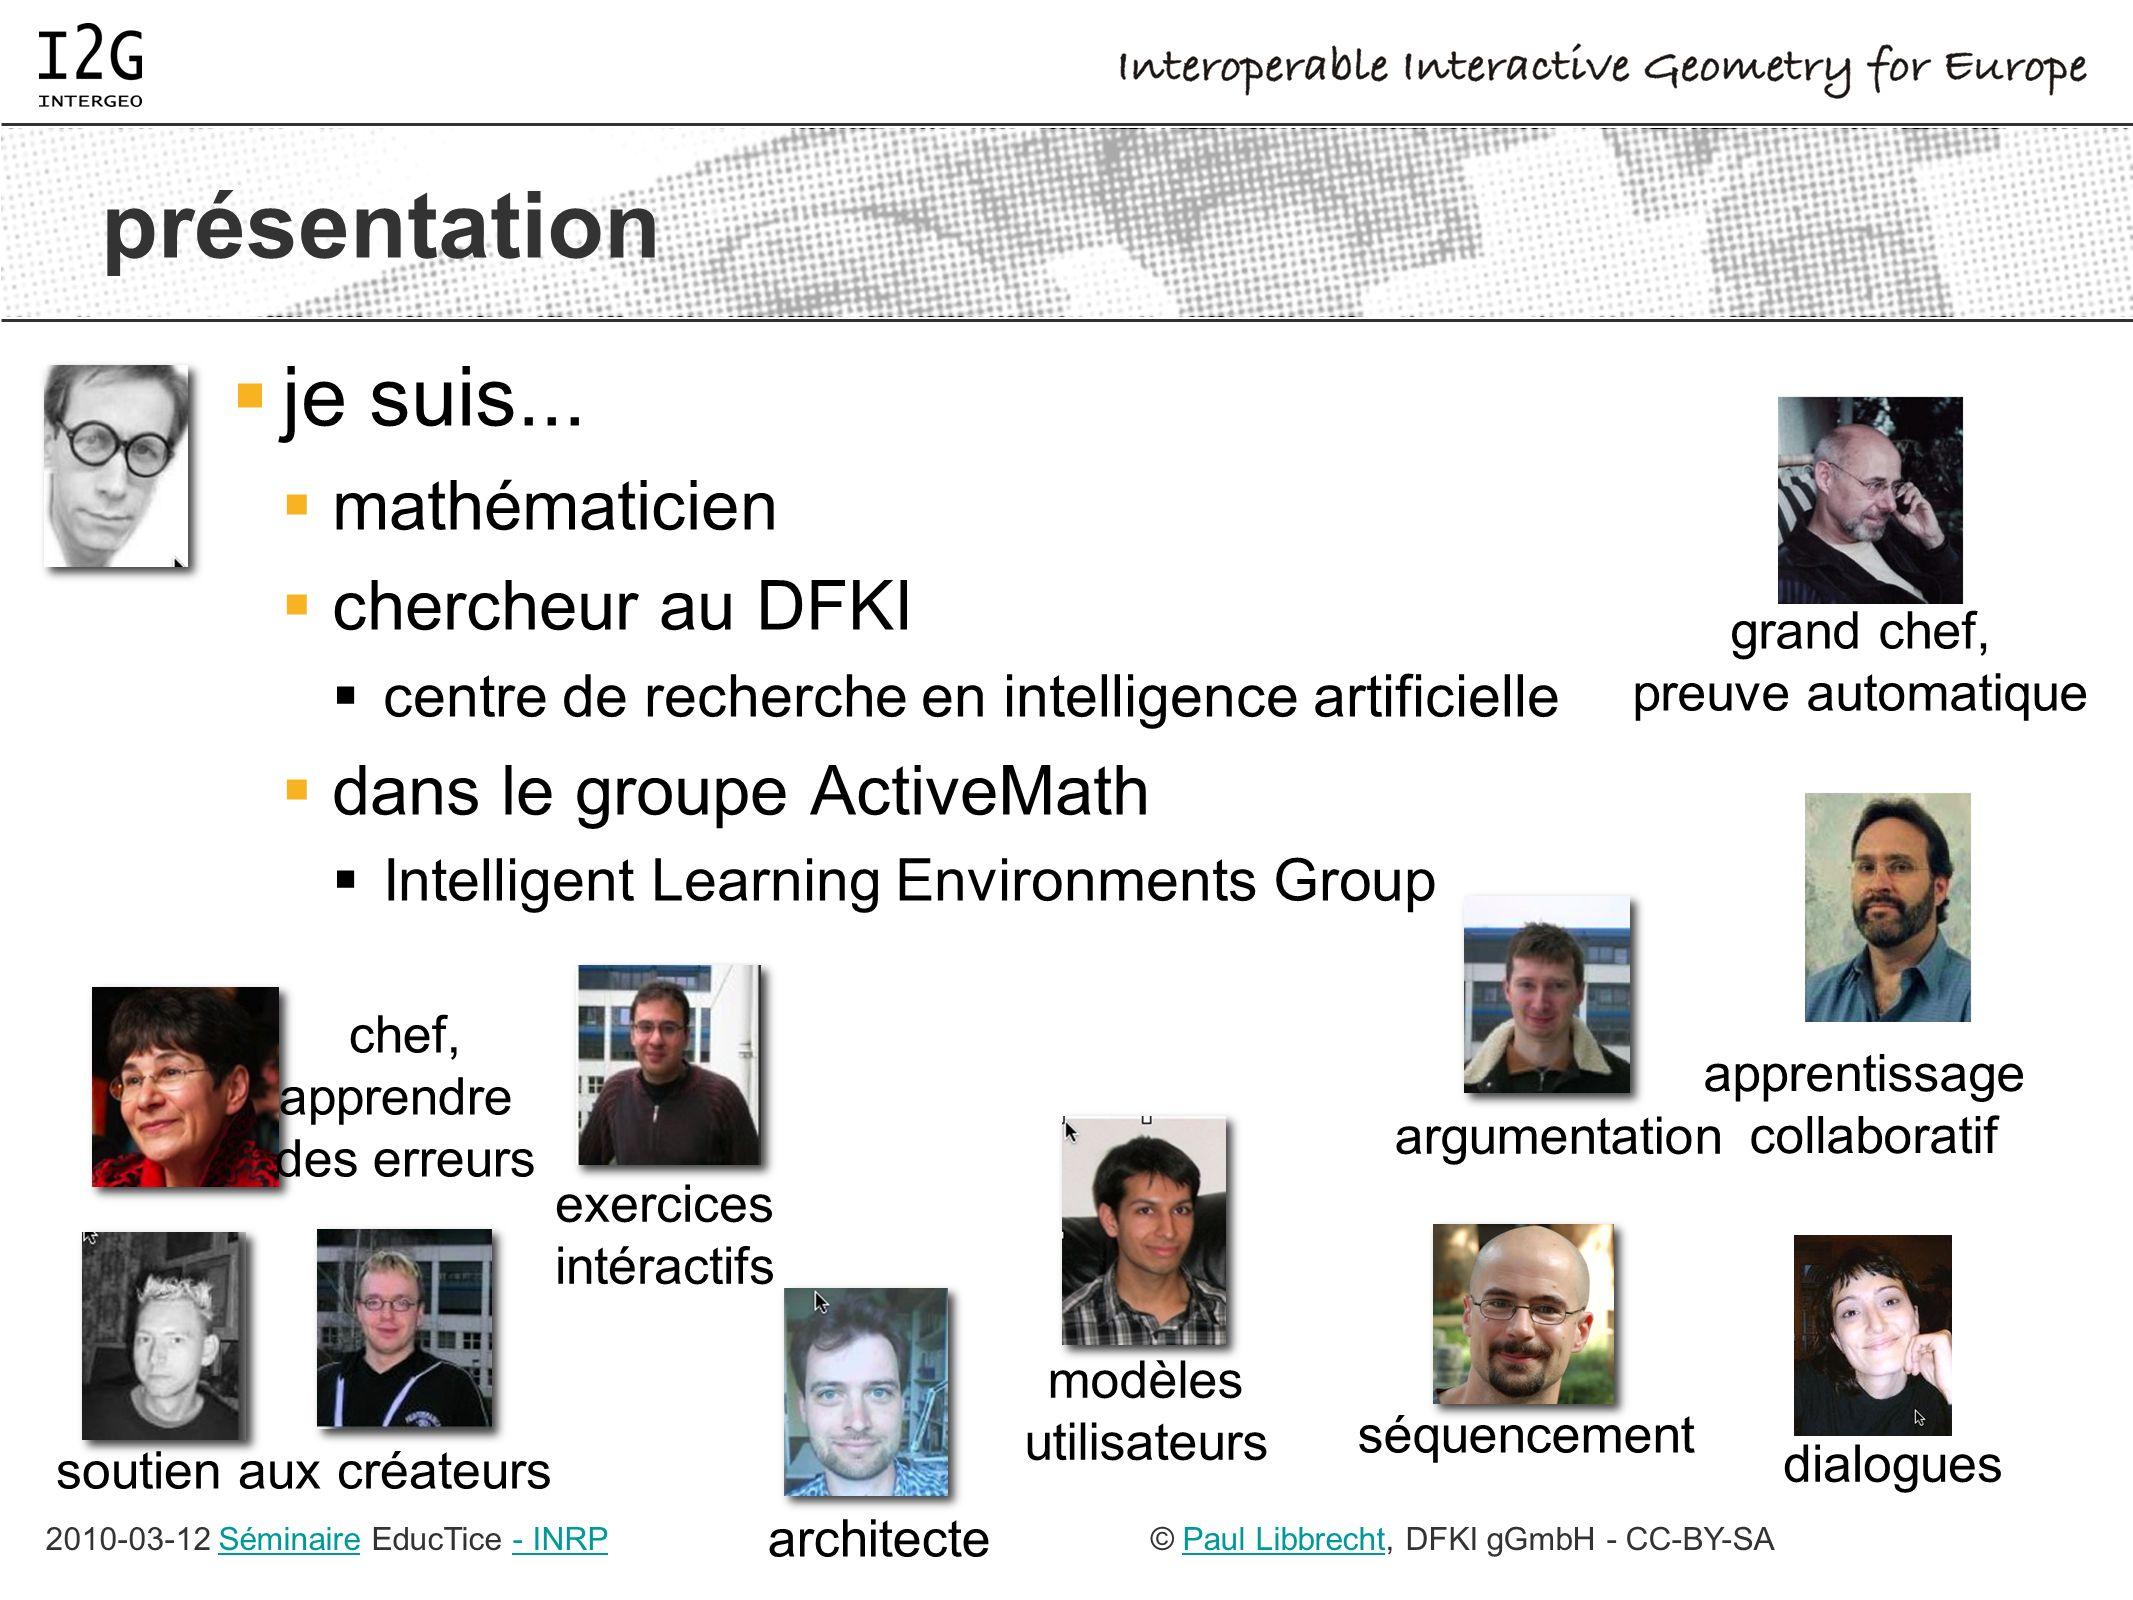 2010-03-12 Séminaire EducTice - INRPSéminaire- INRP© Paul Libbrecht, DFKI gGmbH - CC-BY-SAPaul Libbrecht présentation je suis...